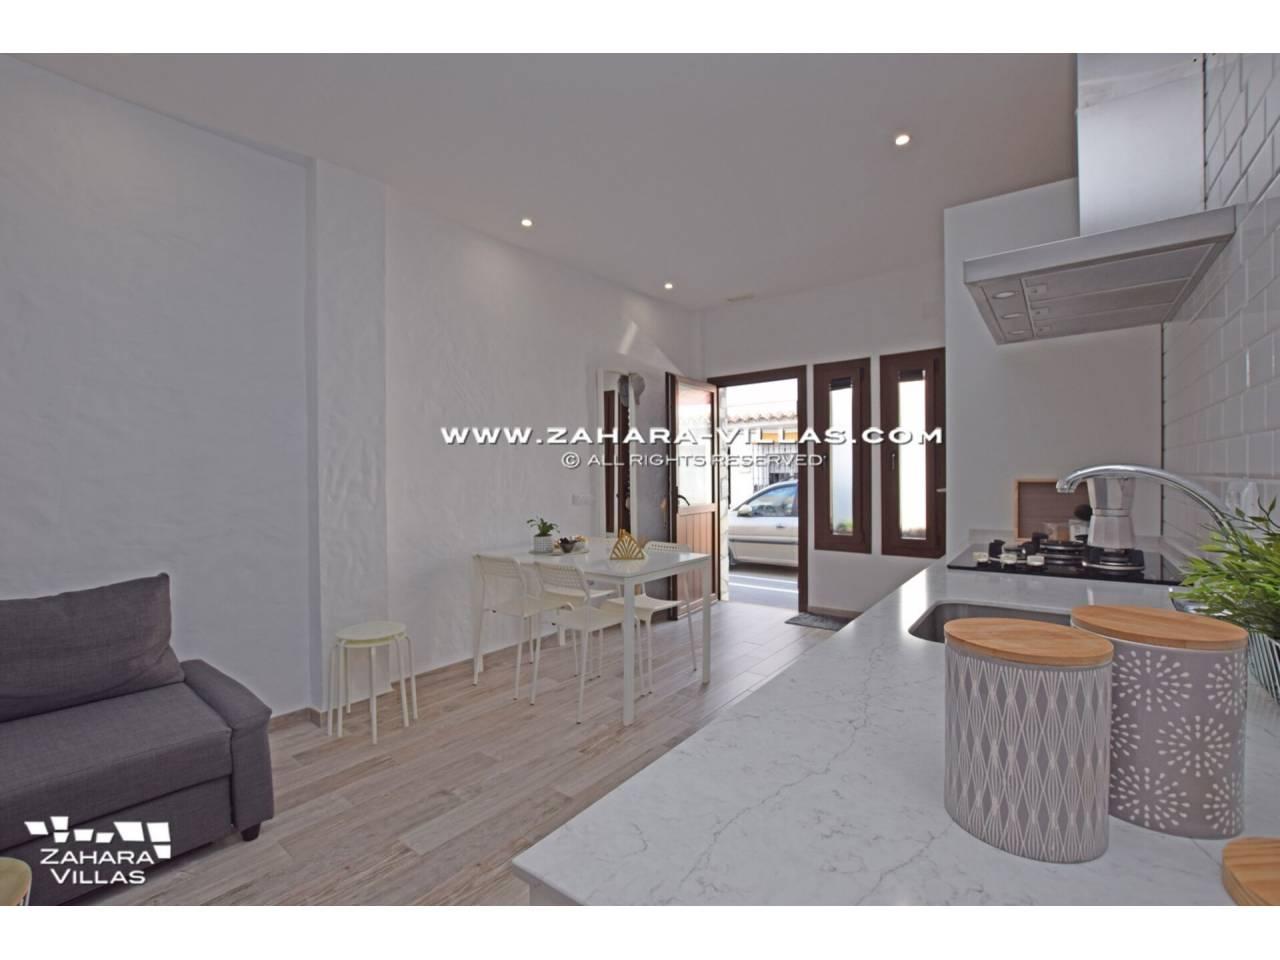 Imagen 48 de Haus zum verkauf in Zahara de los Atunes